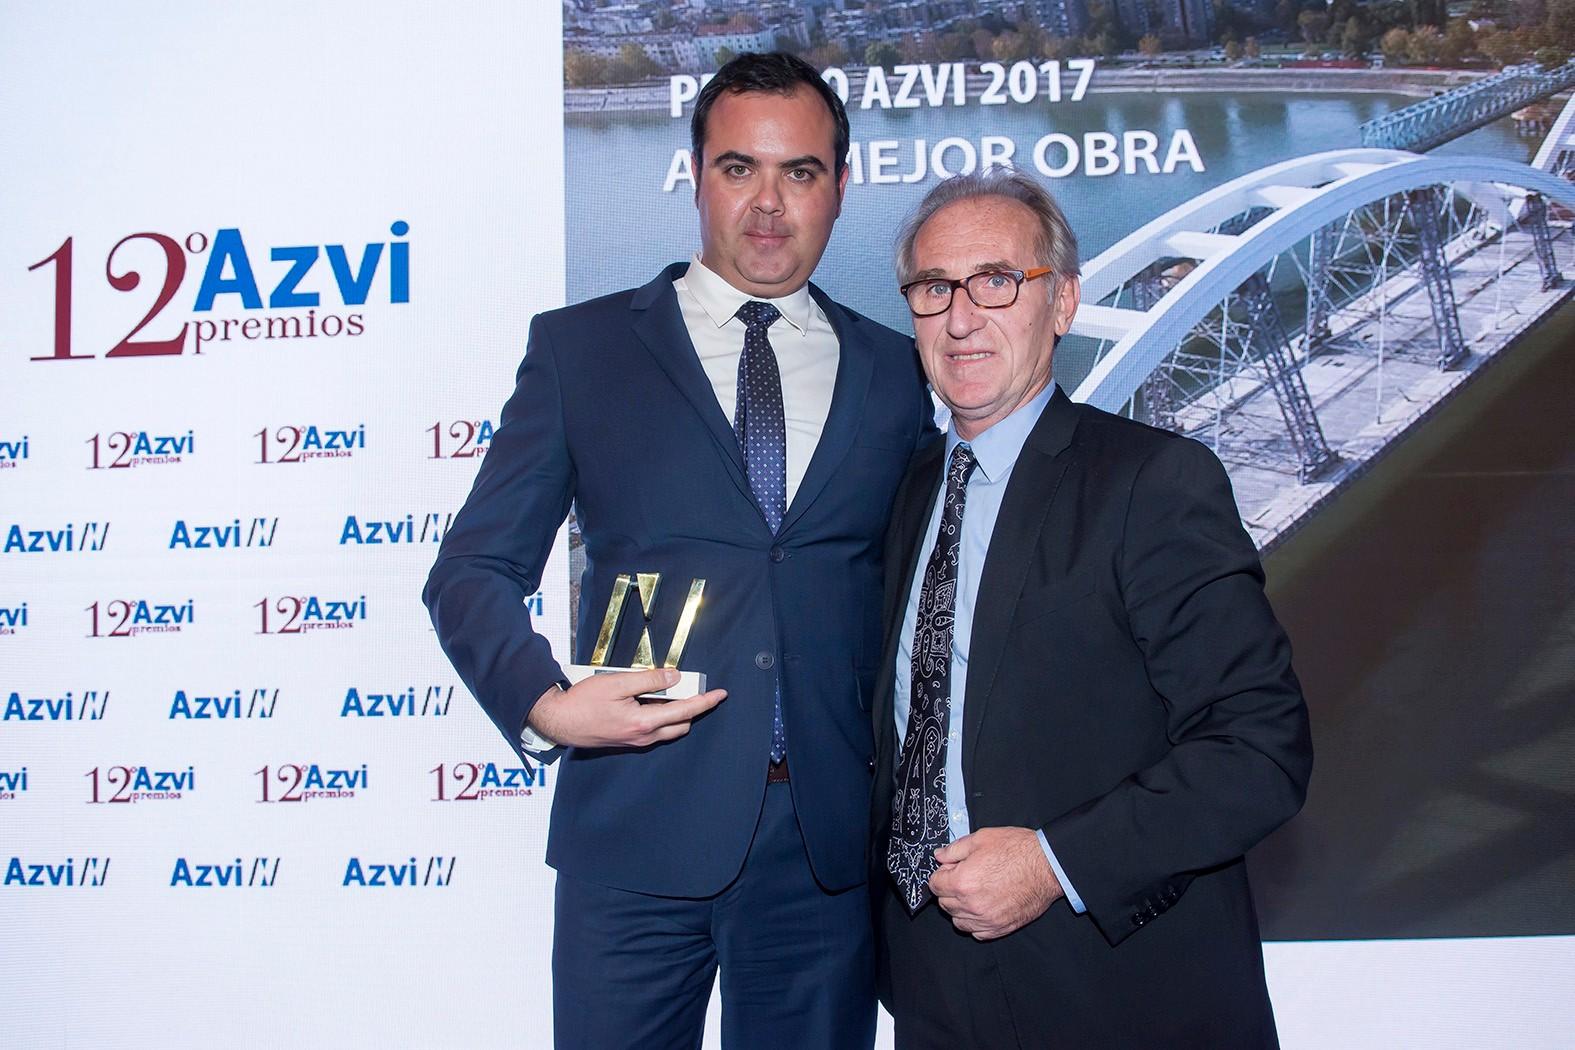 12 premios Azvi 110